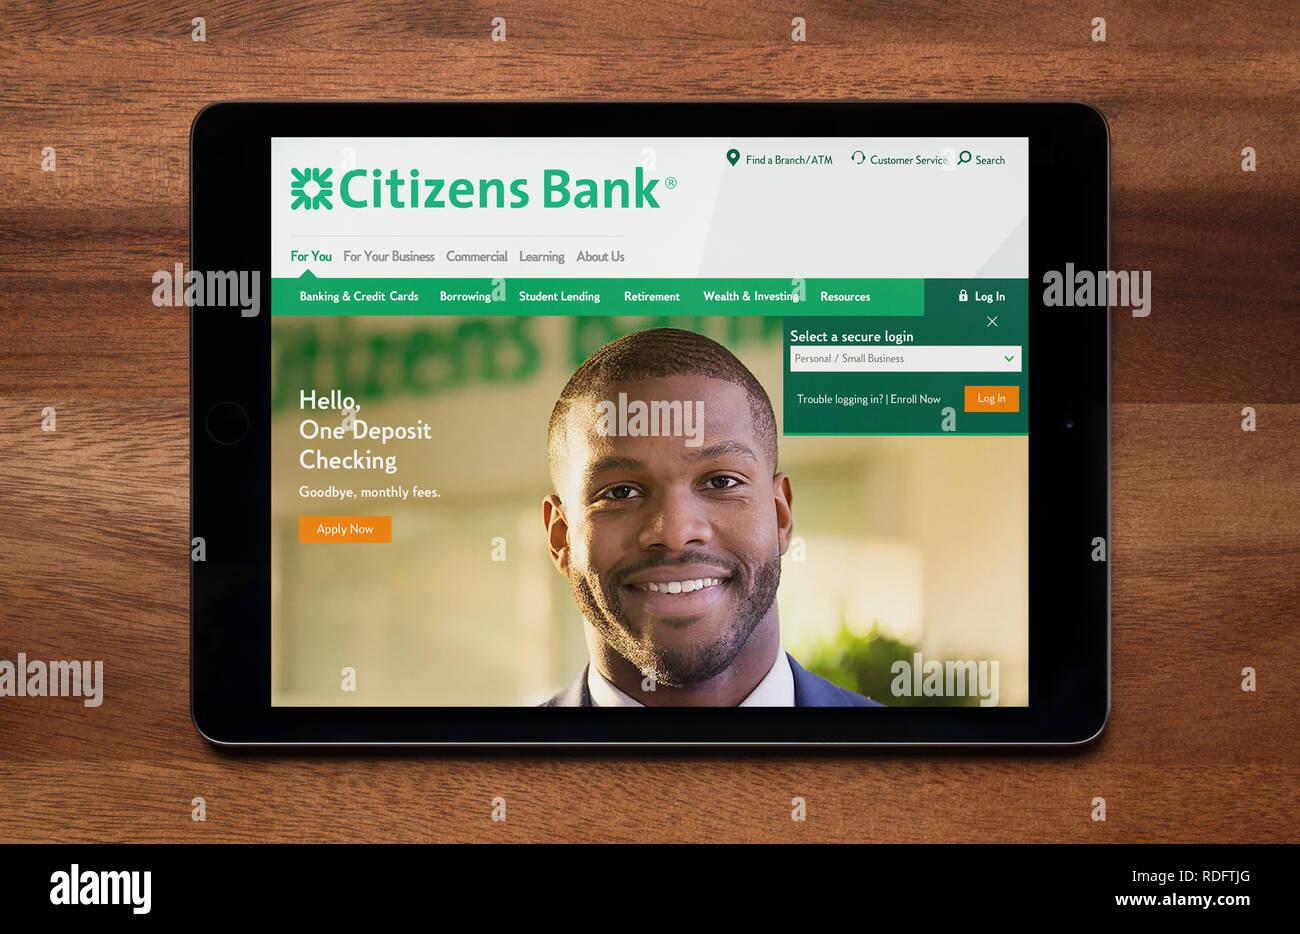 Le site internet de la Citizens Bank est vu sur un iPad tablet, qui repose sur une table en bois (usage éditorial uniquement). Photo Stock